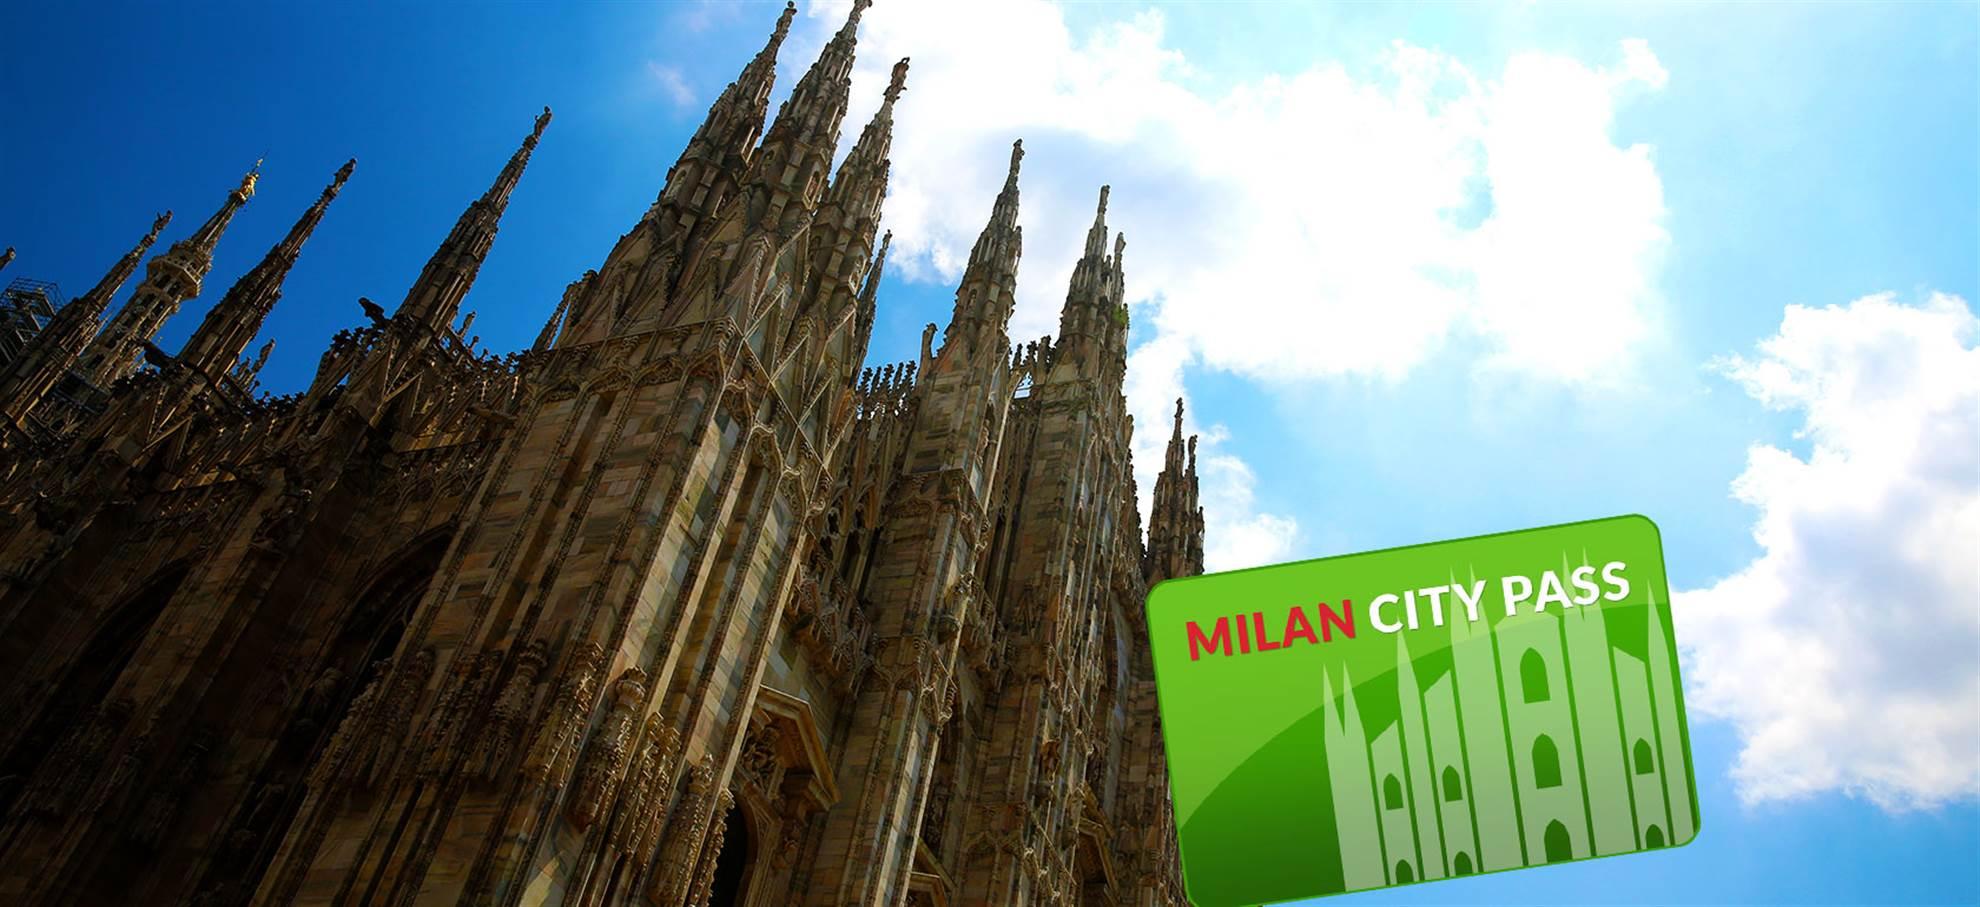 Mailand-Letzte Abendmahl City Pass (mit Flughafentransfer)